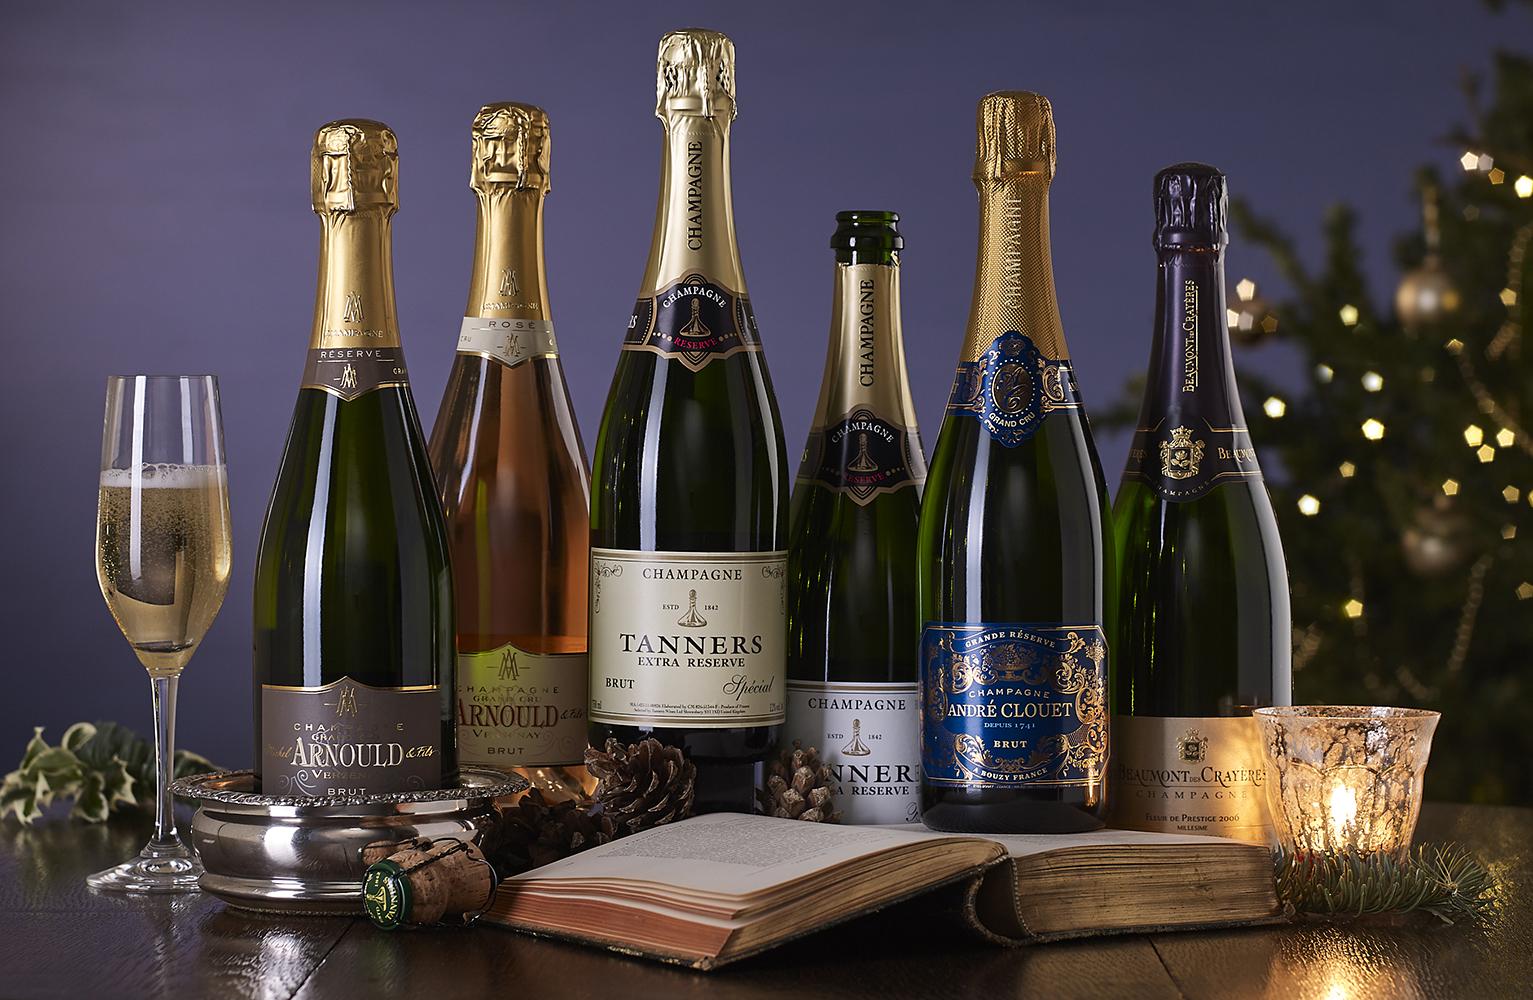 The Champagne Christmas Six Christmas Gift